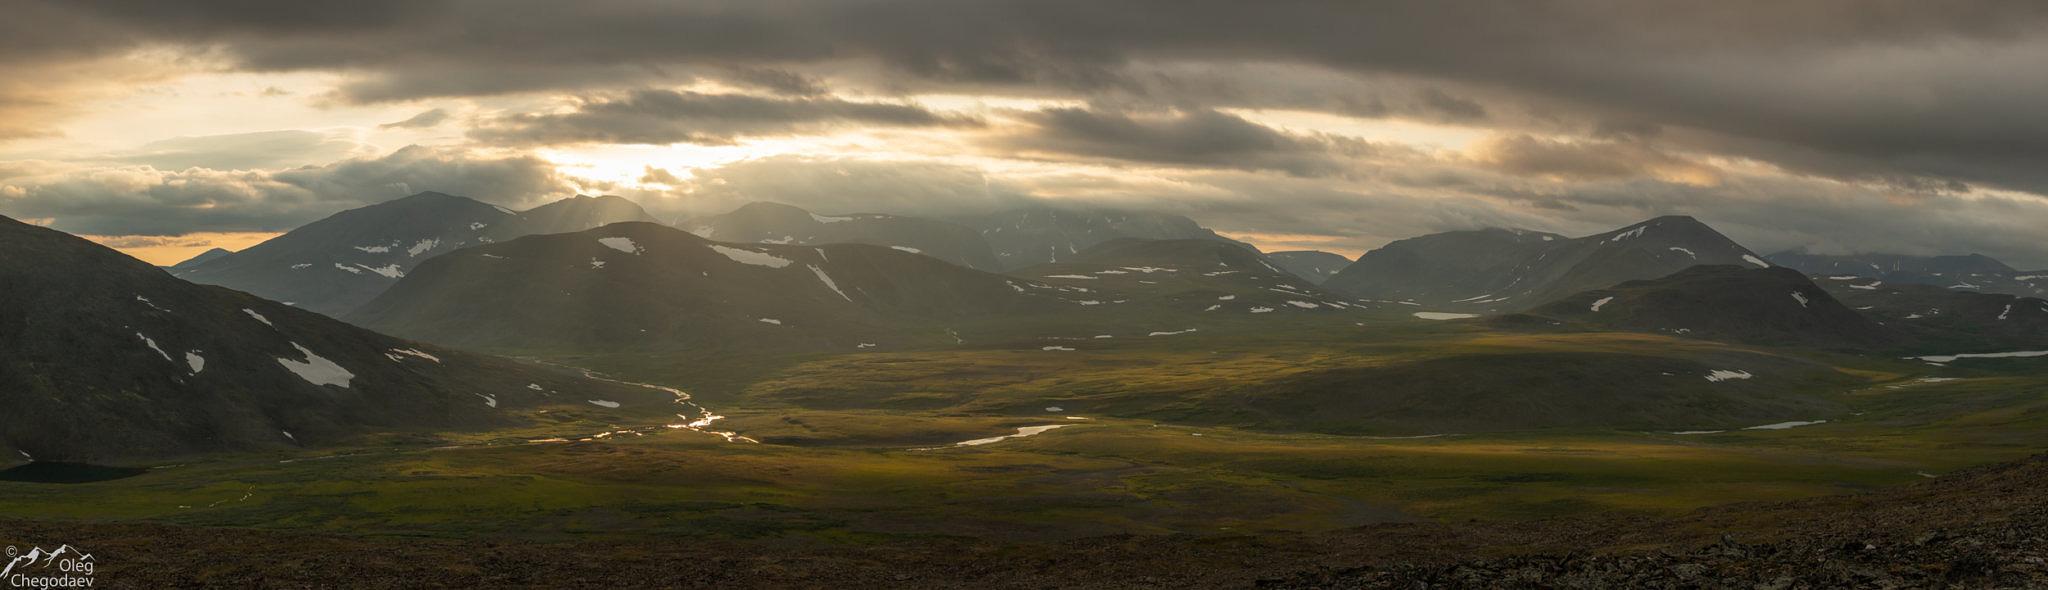 Закат с видом на хребет Оченырд